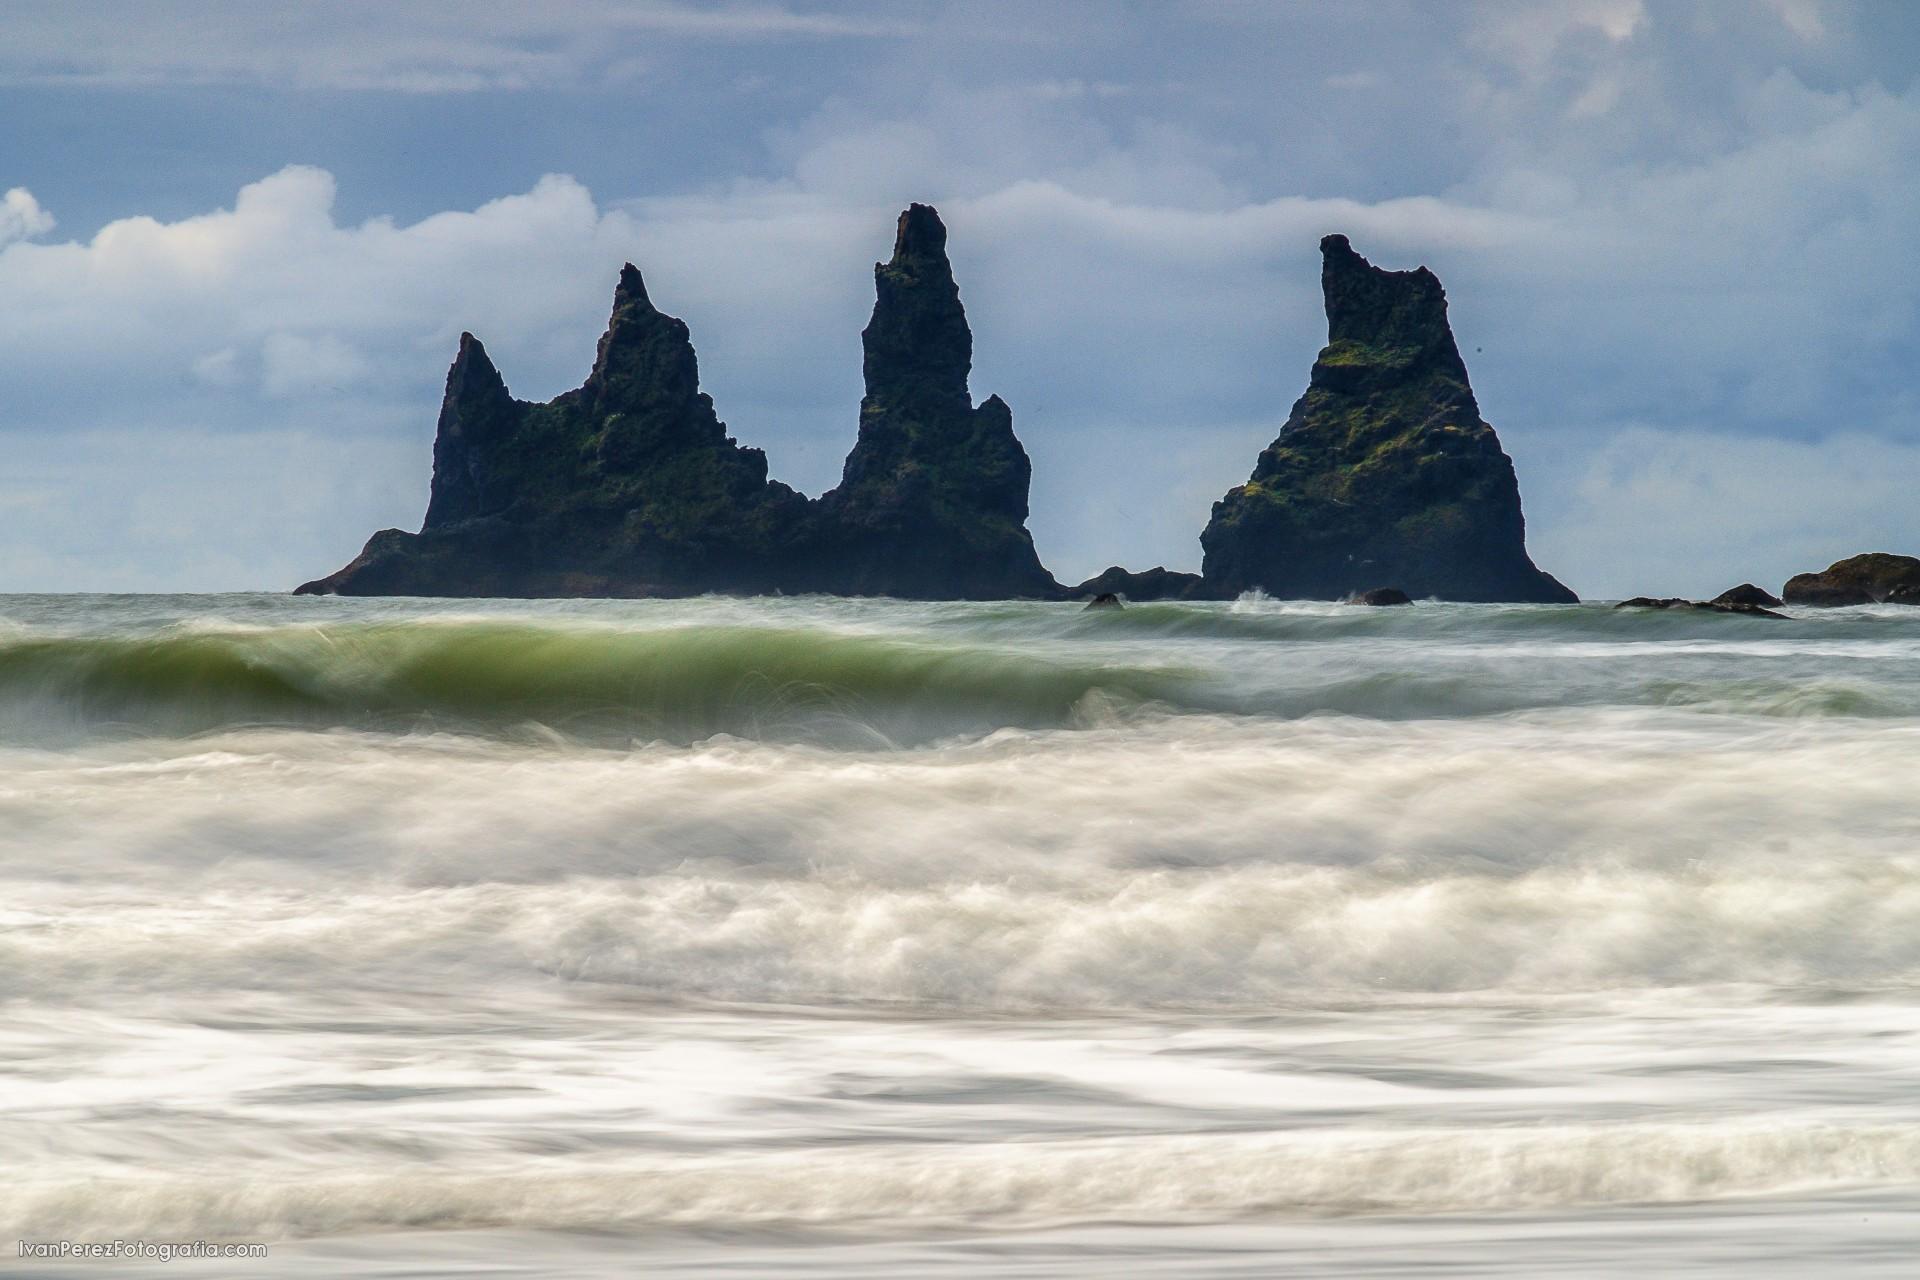 ISLANDIA VIK